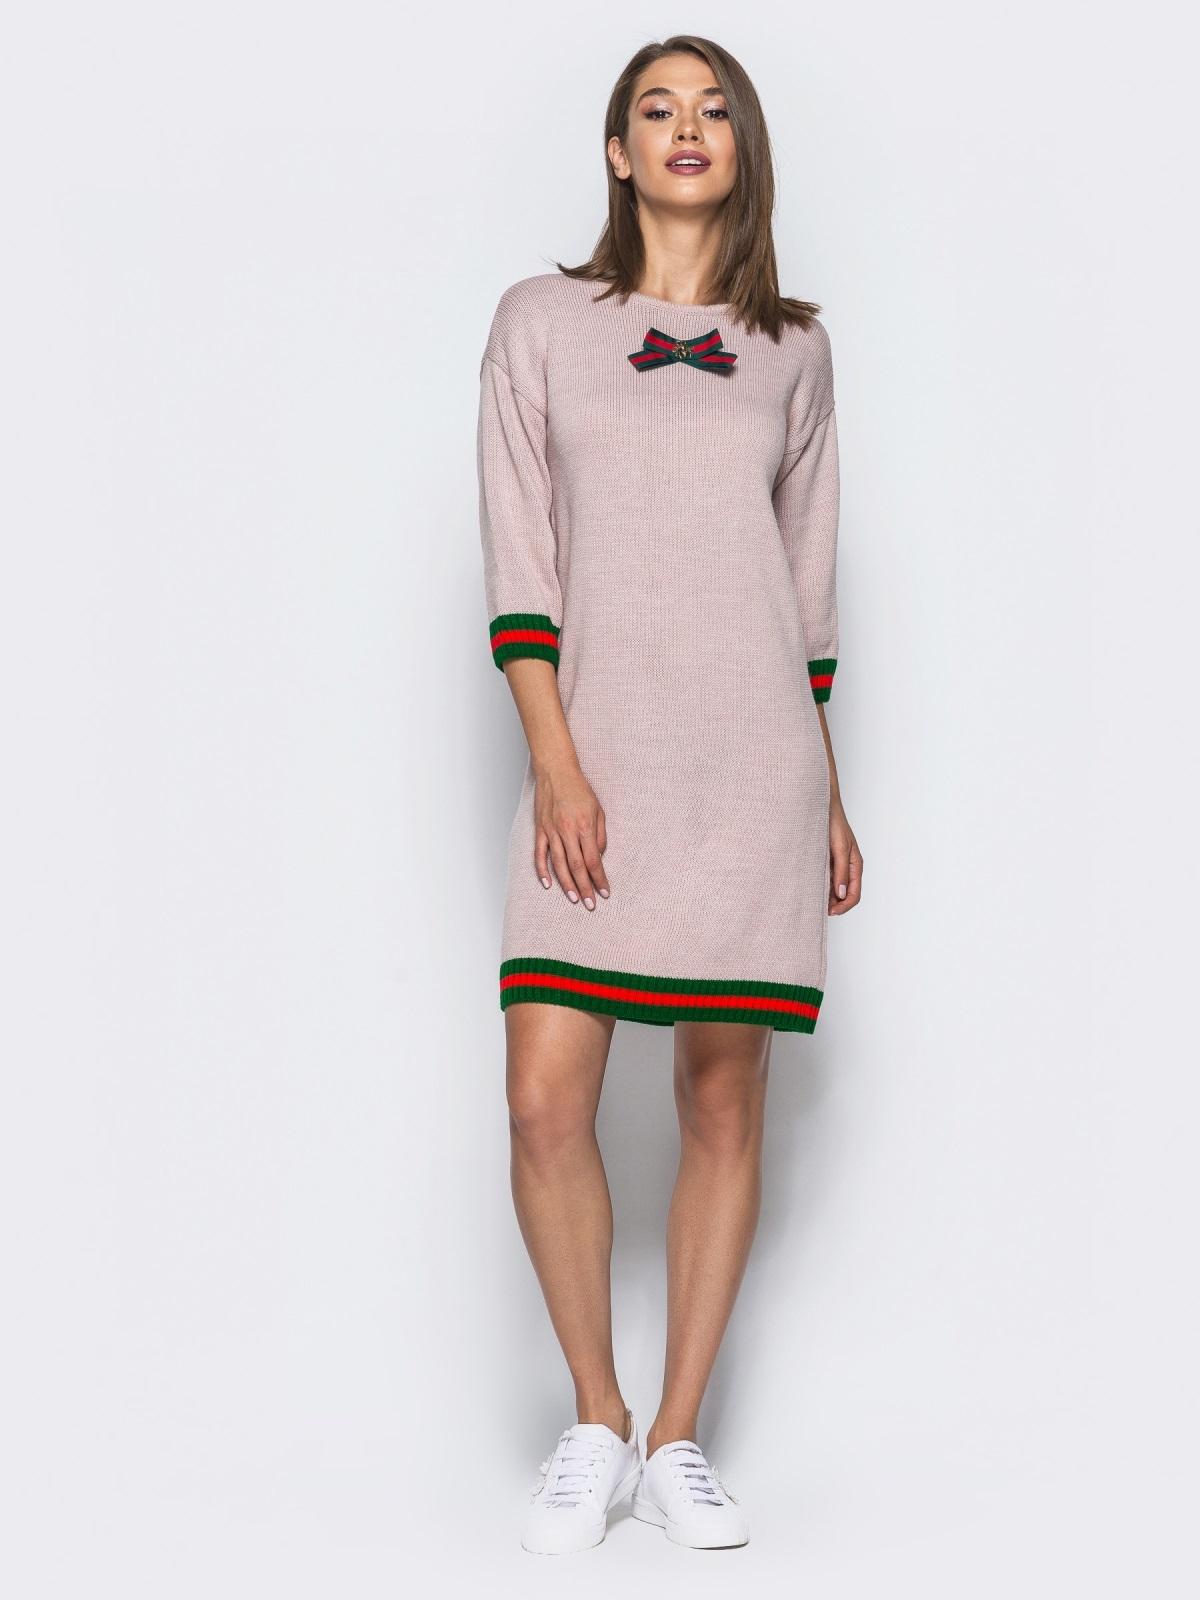 Розовое шерстяное платье прямого кроя с рукавом / - 15920, фото 1 – интернет-магазин Dressa